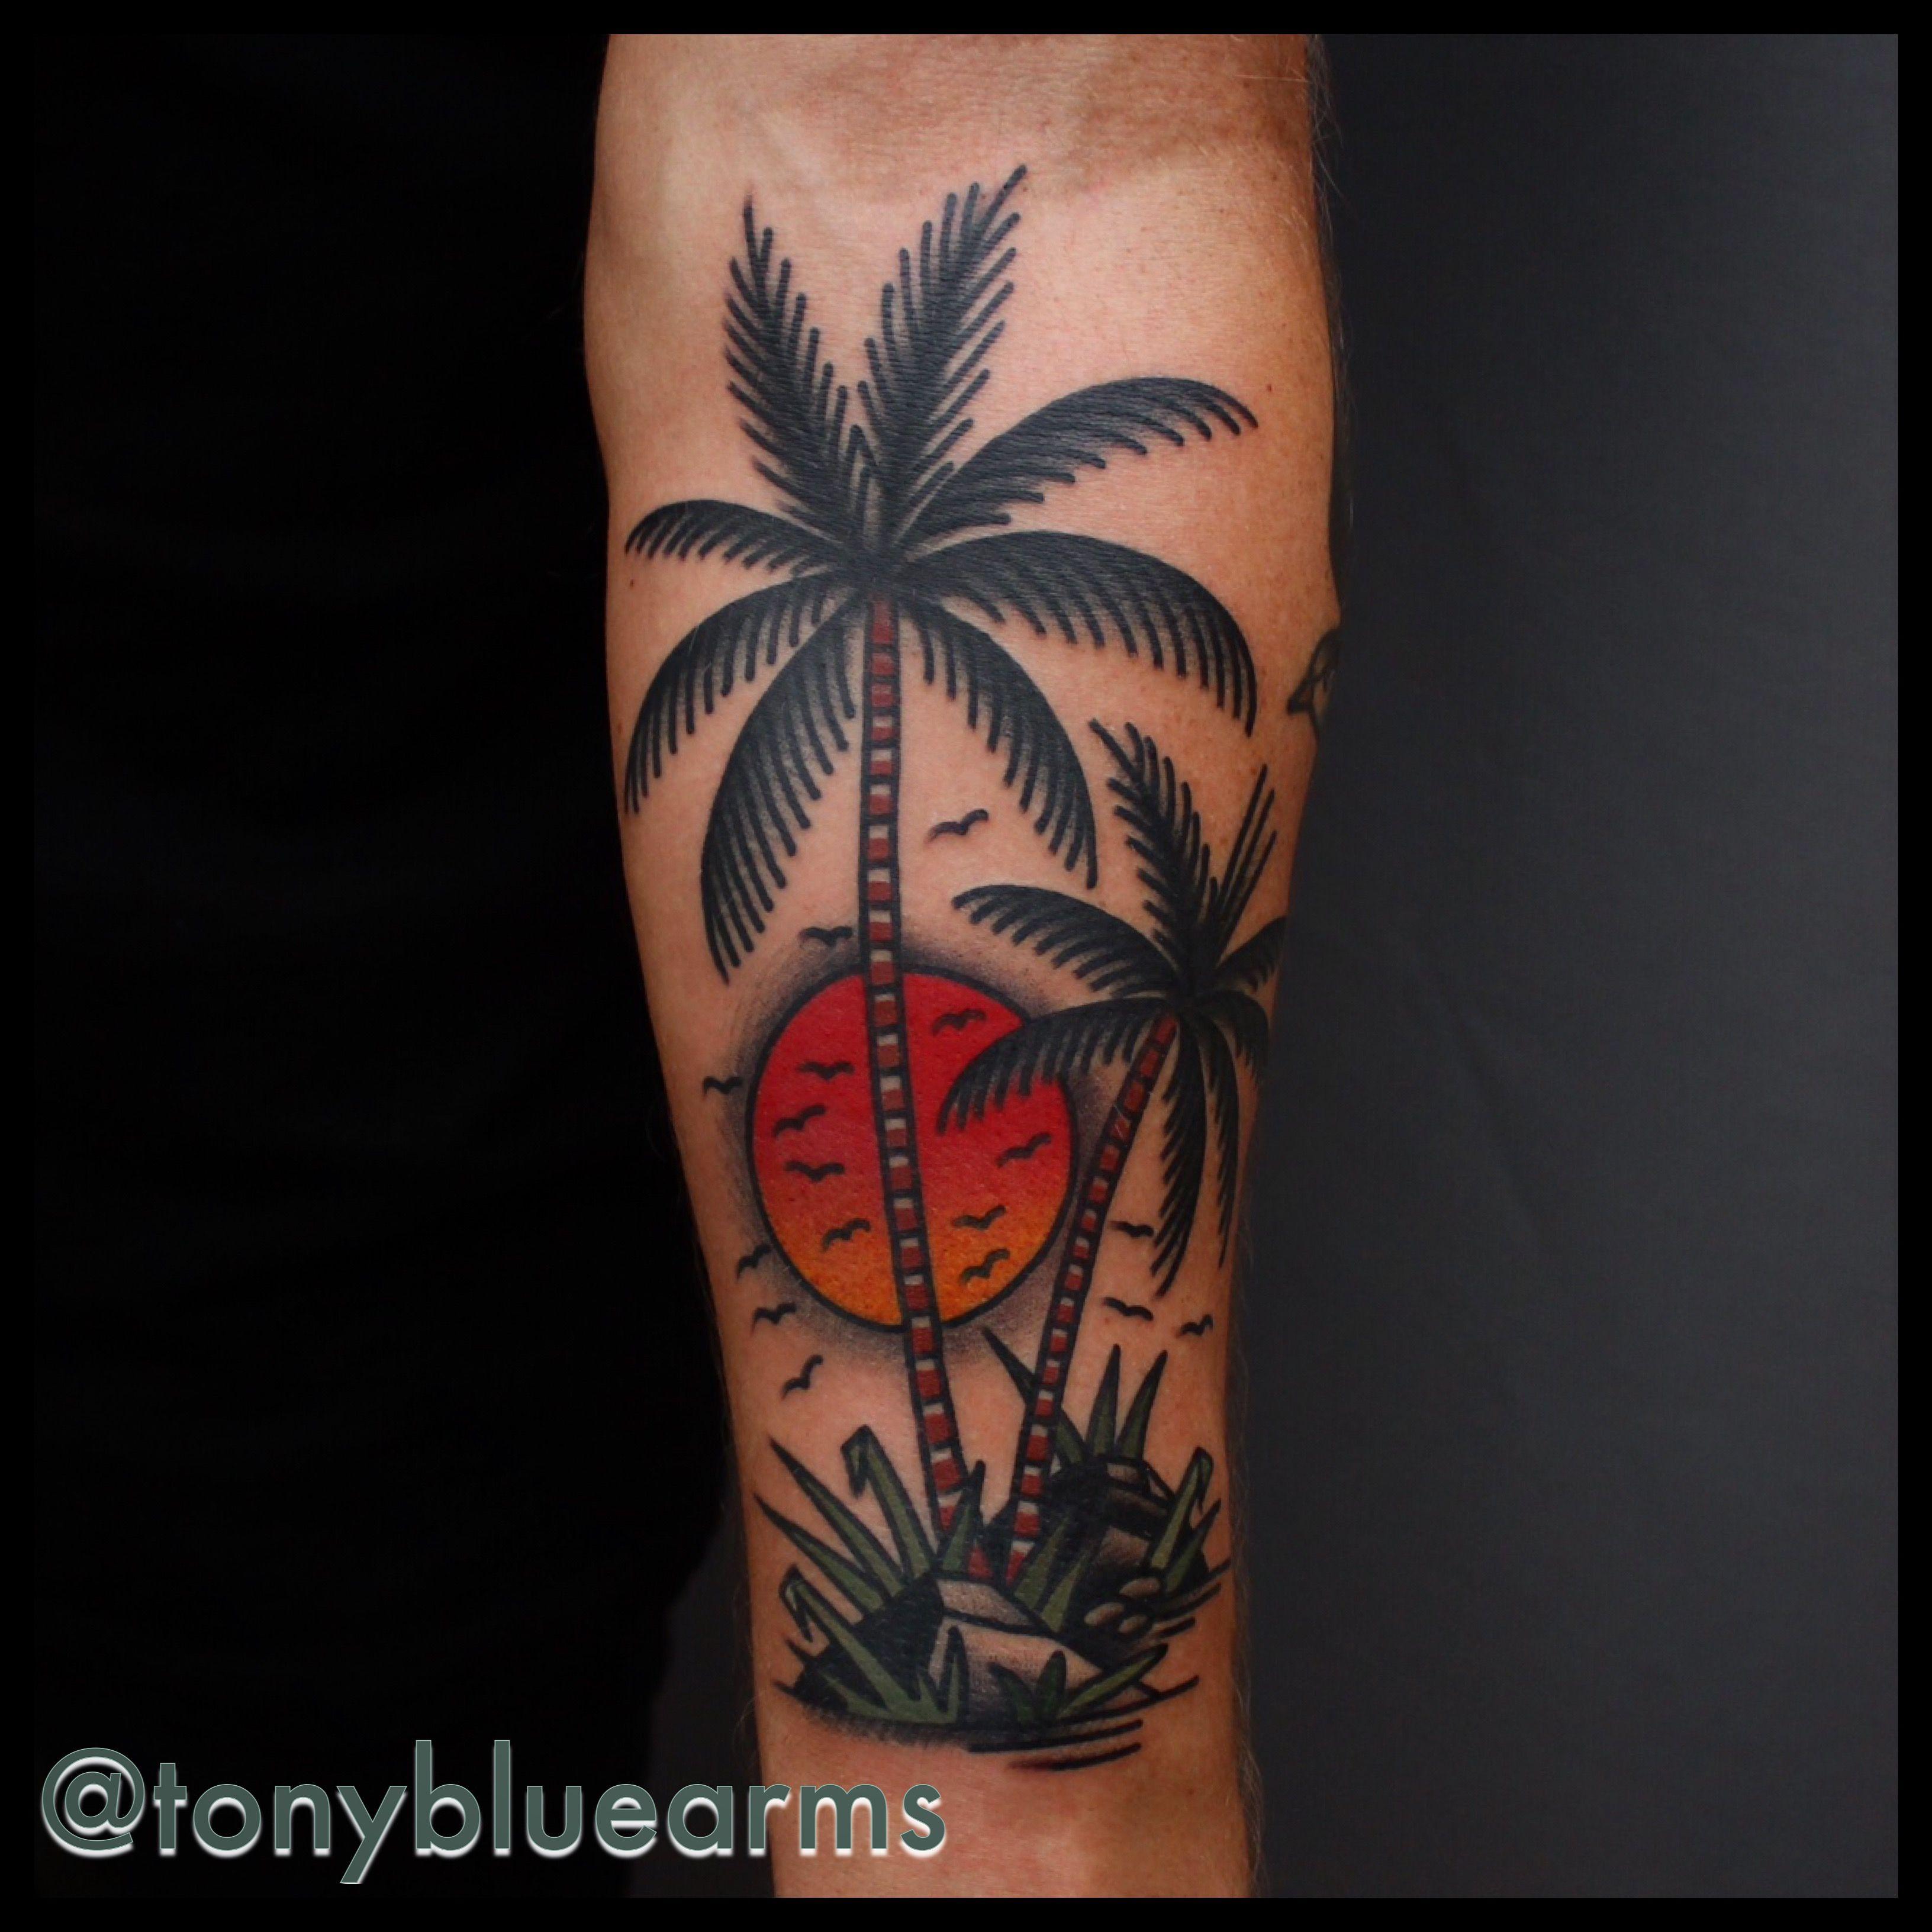 My New Tattoo! Traditional palmtree tattoo. Love it! Tony